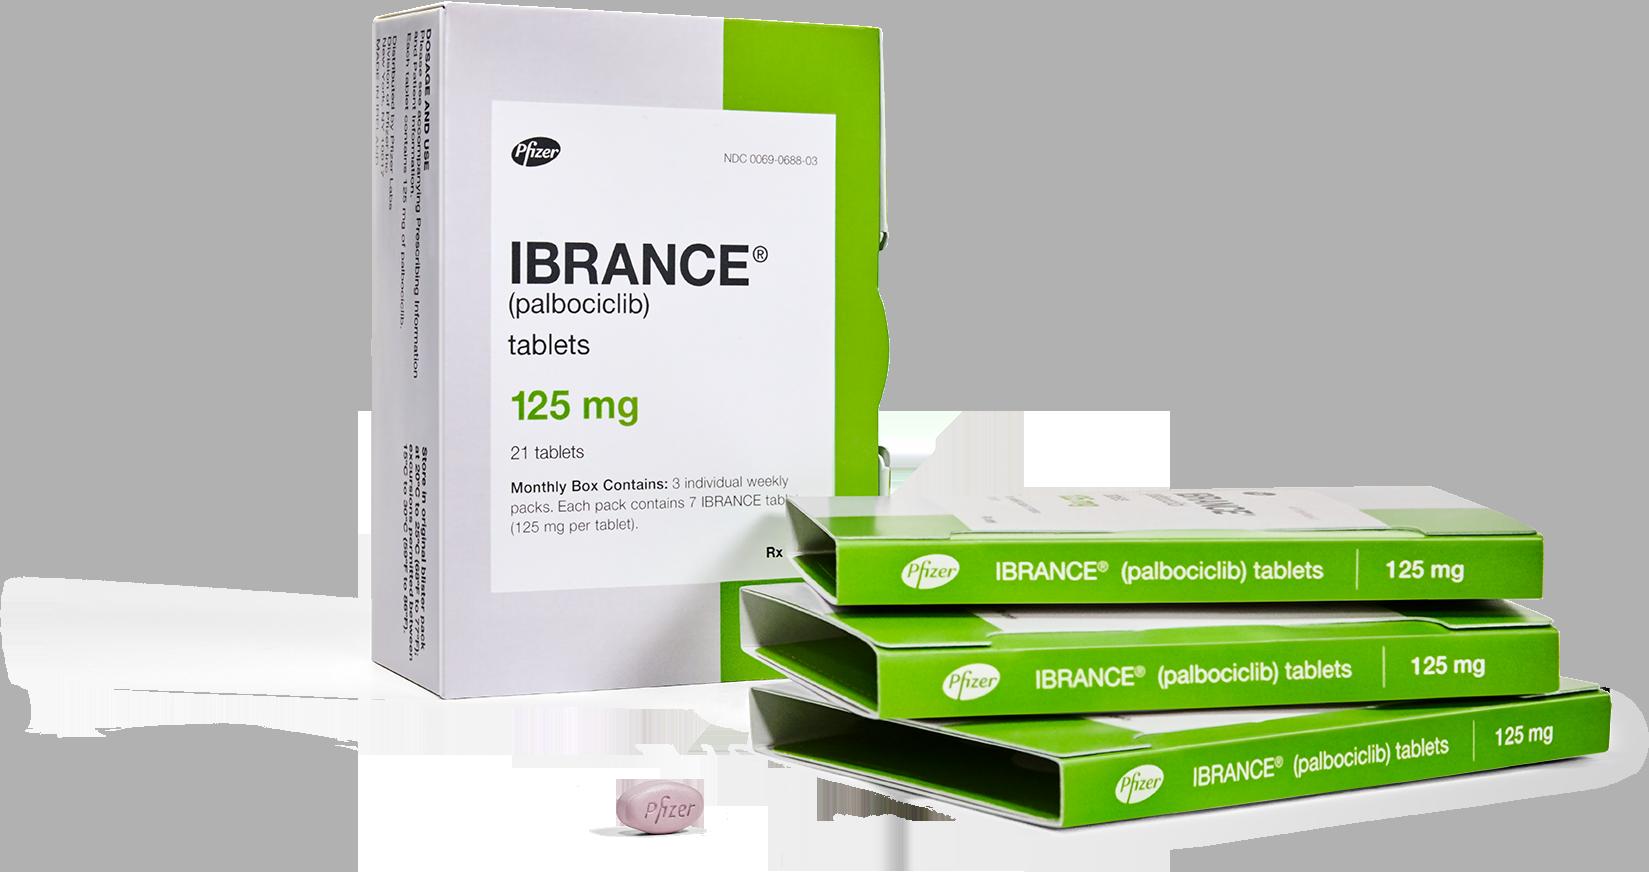 帕博西尼(palbociclib)、palbociclib医治乳腺癌的优势是啥?-